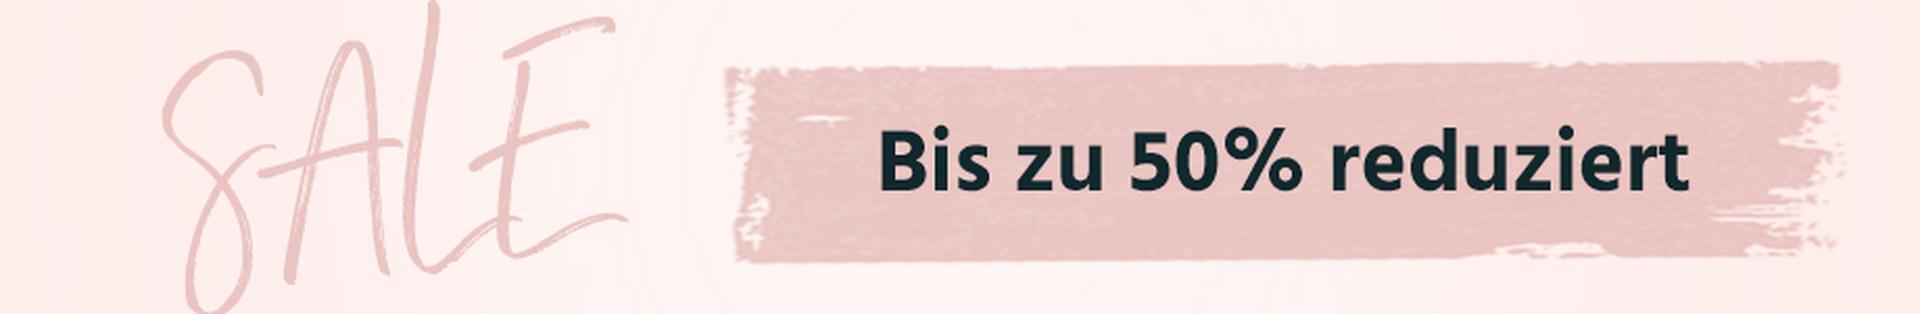 le_listing_banner_summersale_2019_V2_xs_de